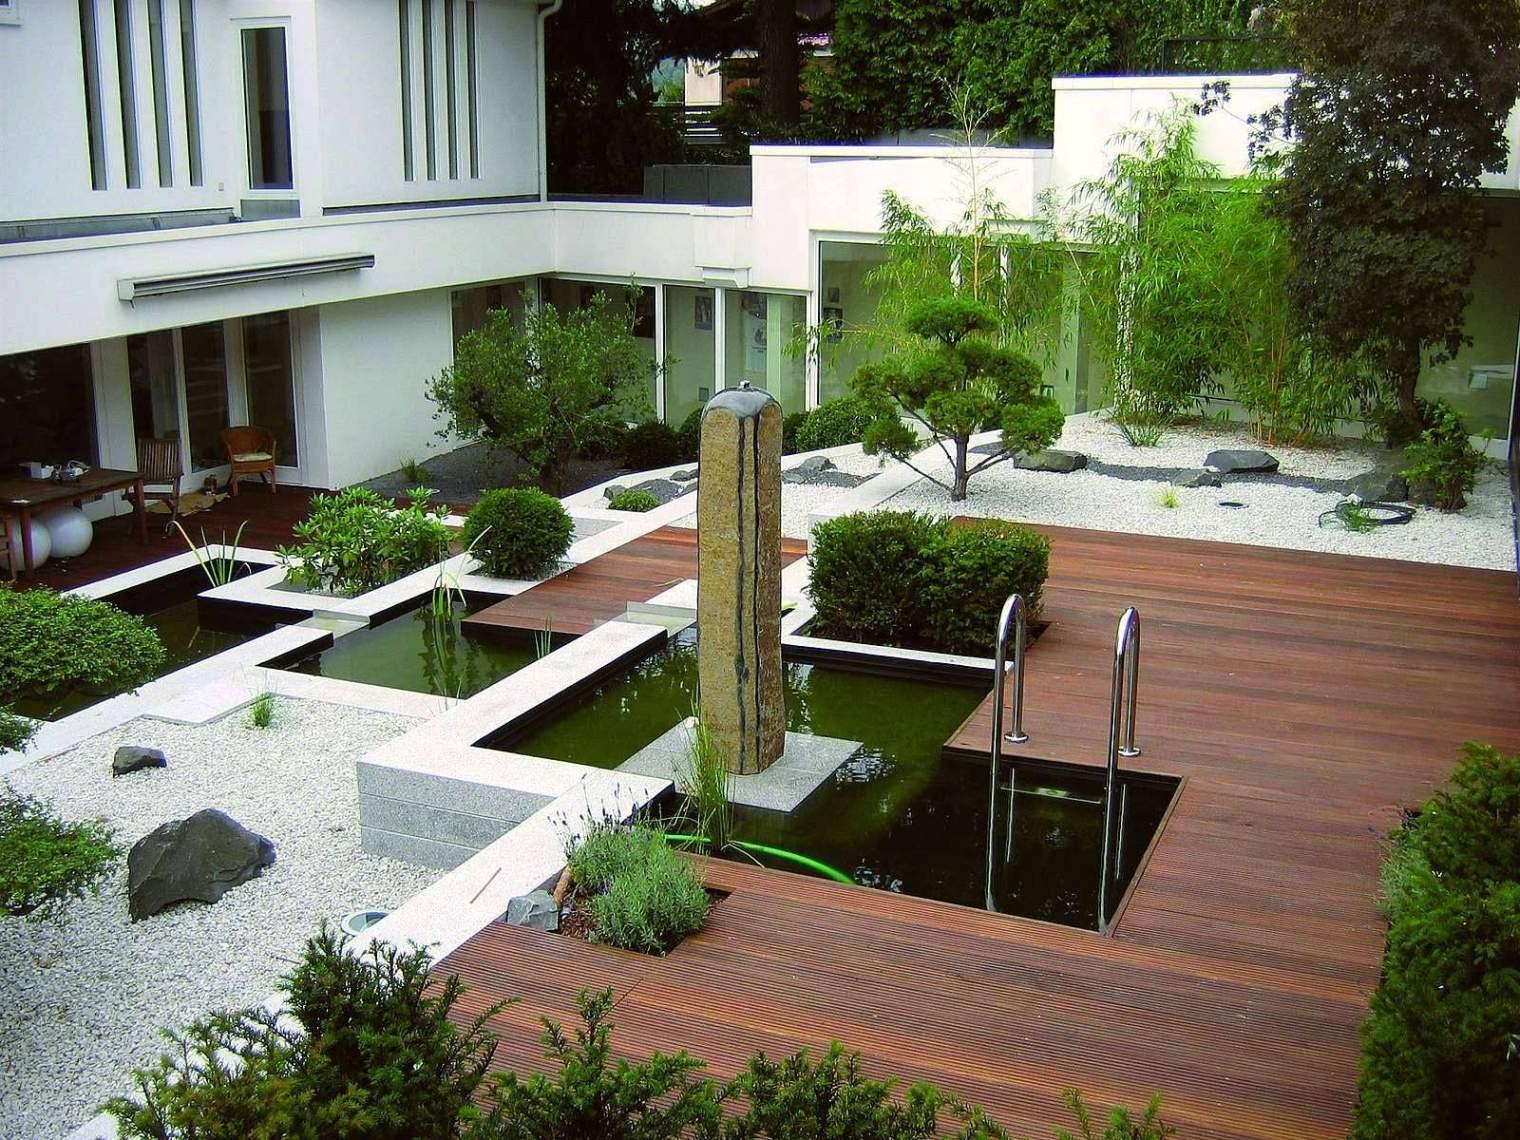 Thomas Philipps Onlineshop De Haus Und Garten Einzigartig 33 Neu Kleine Gärten Gestalten Reihenhaus Elegant